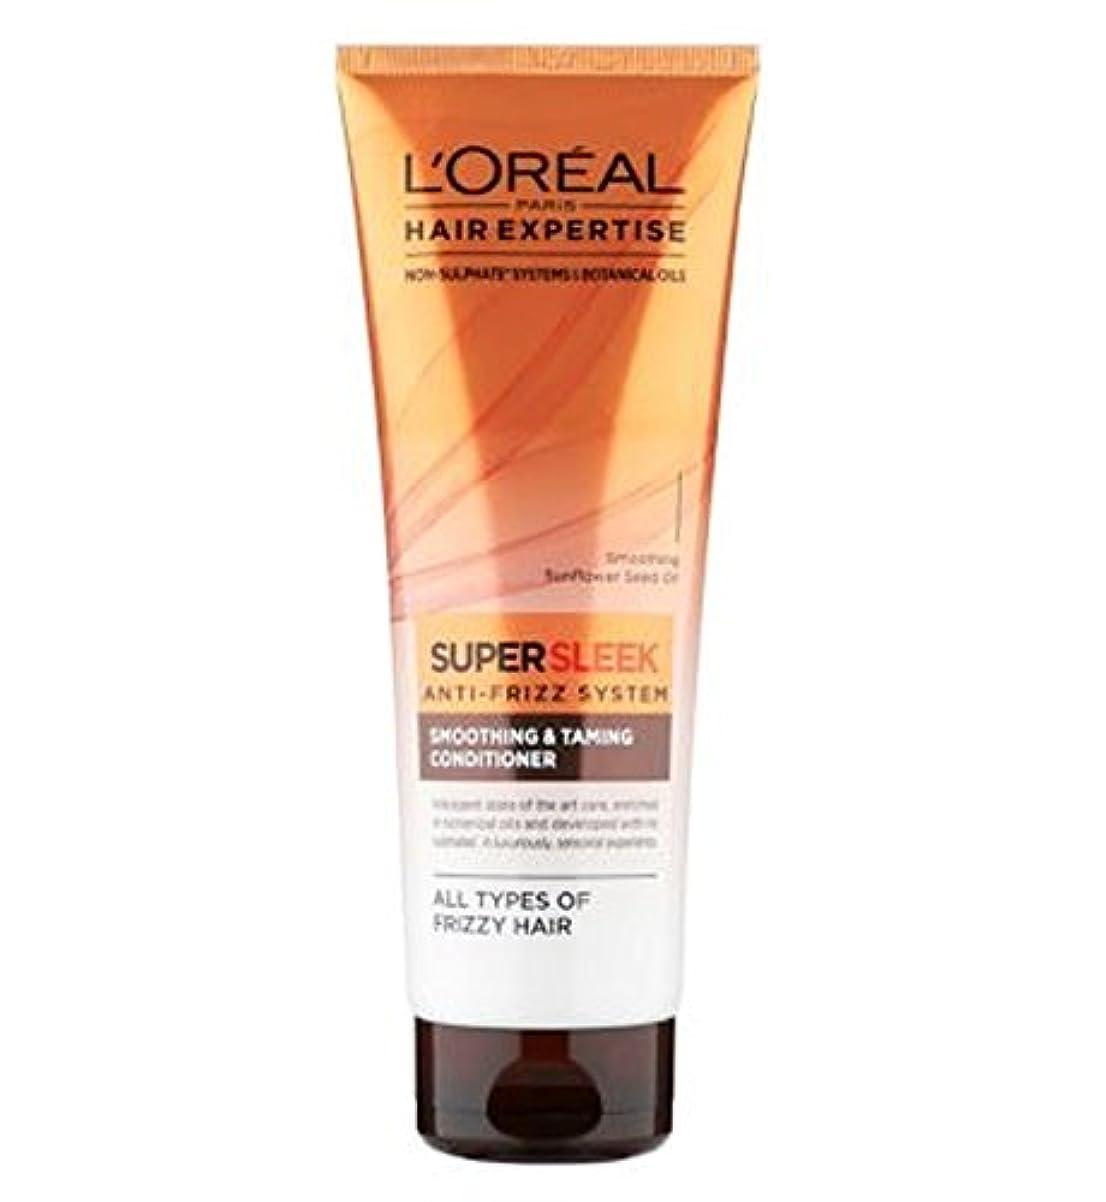 社会科潜在的な雄弁L'Oreall Hair Expertise SuperSleek Conditioner 250ml - L'Oreall髪の専門知識Supersleekコンディショナー250ミリリットル (L'Oreal) [並行輸入品]